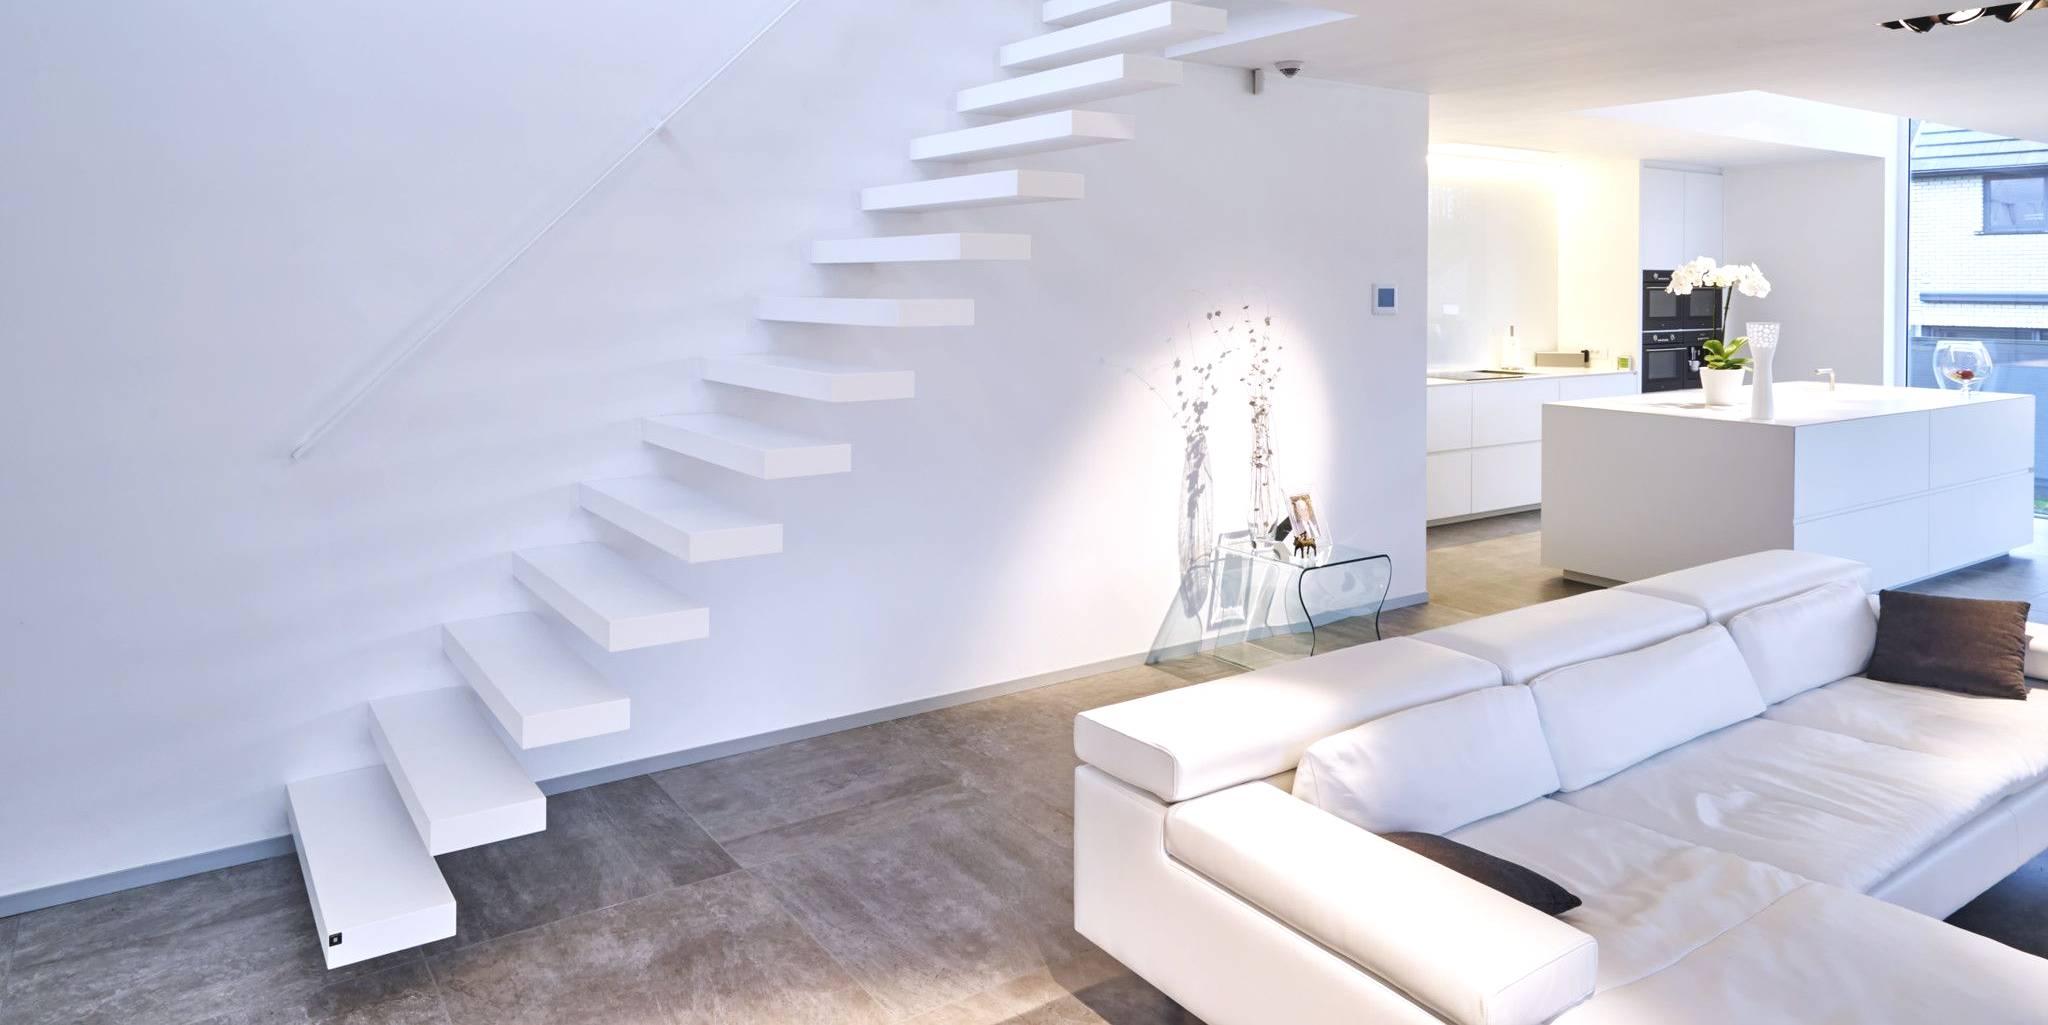 Prijs Zwevende Trap : Zwevende trap plaatsen vergelijk 3003 trappenmakers voor de beste